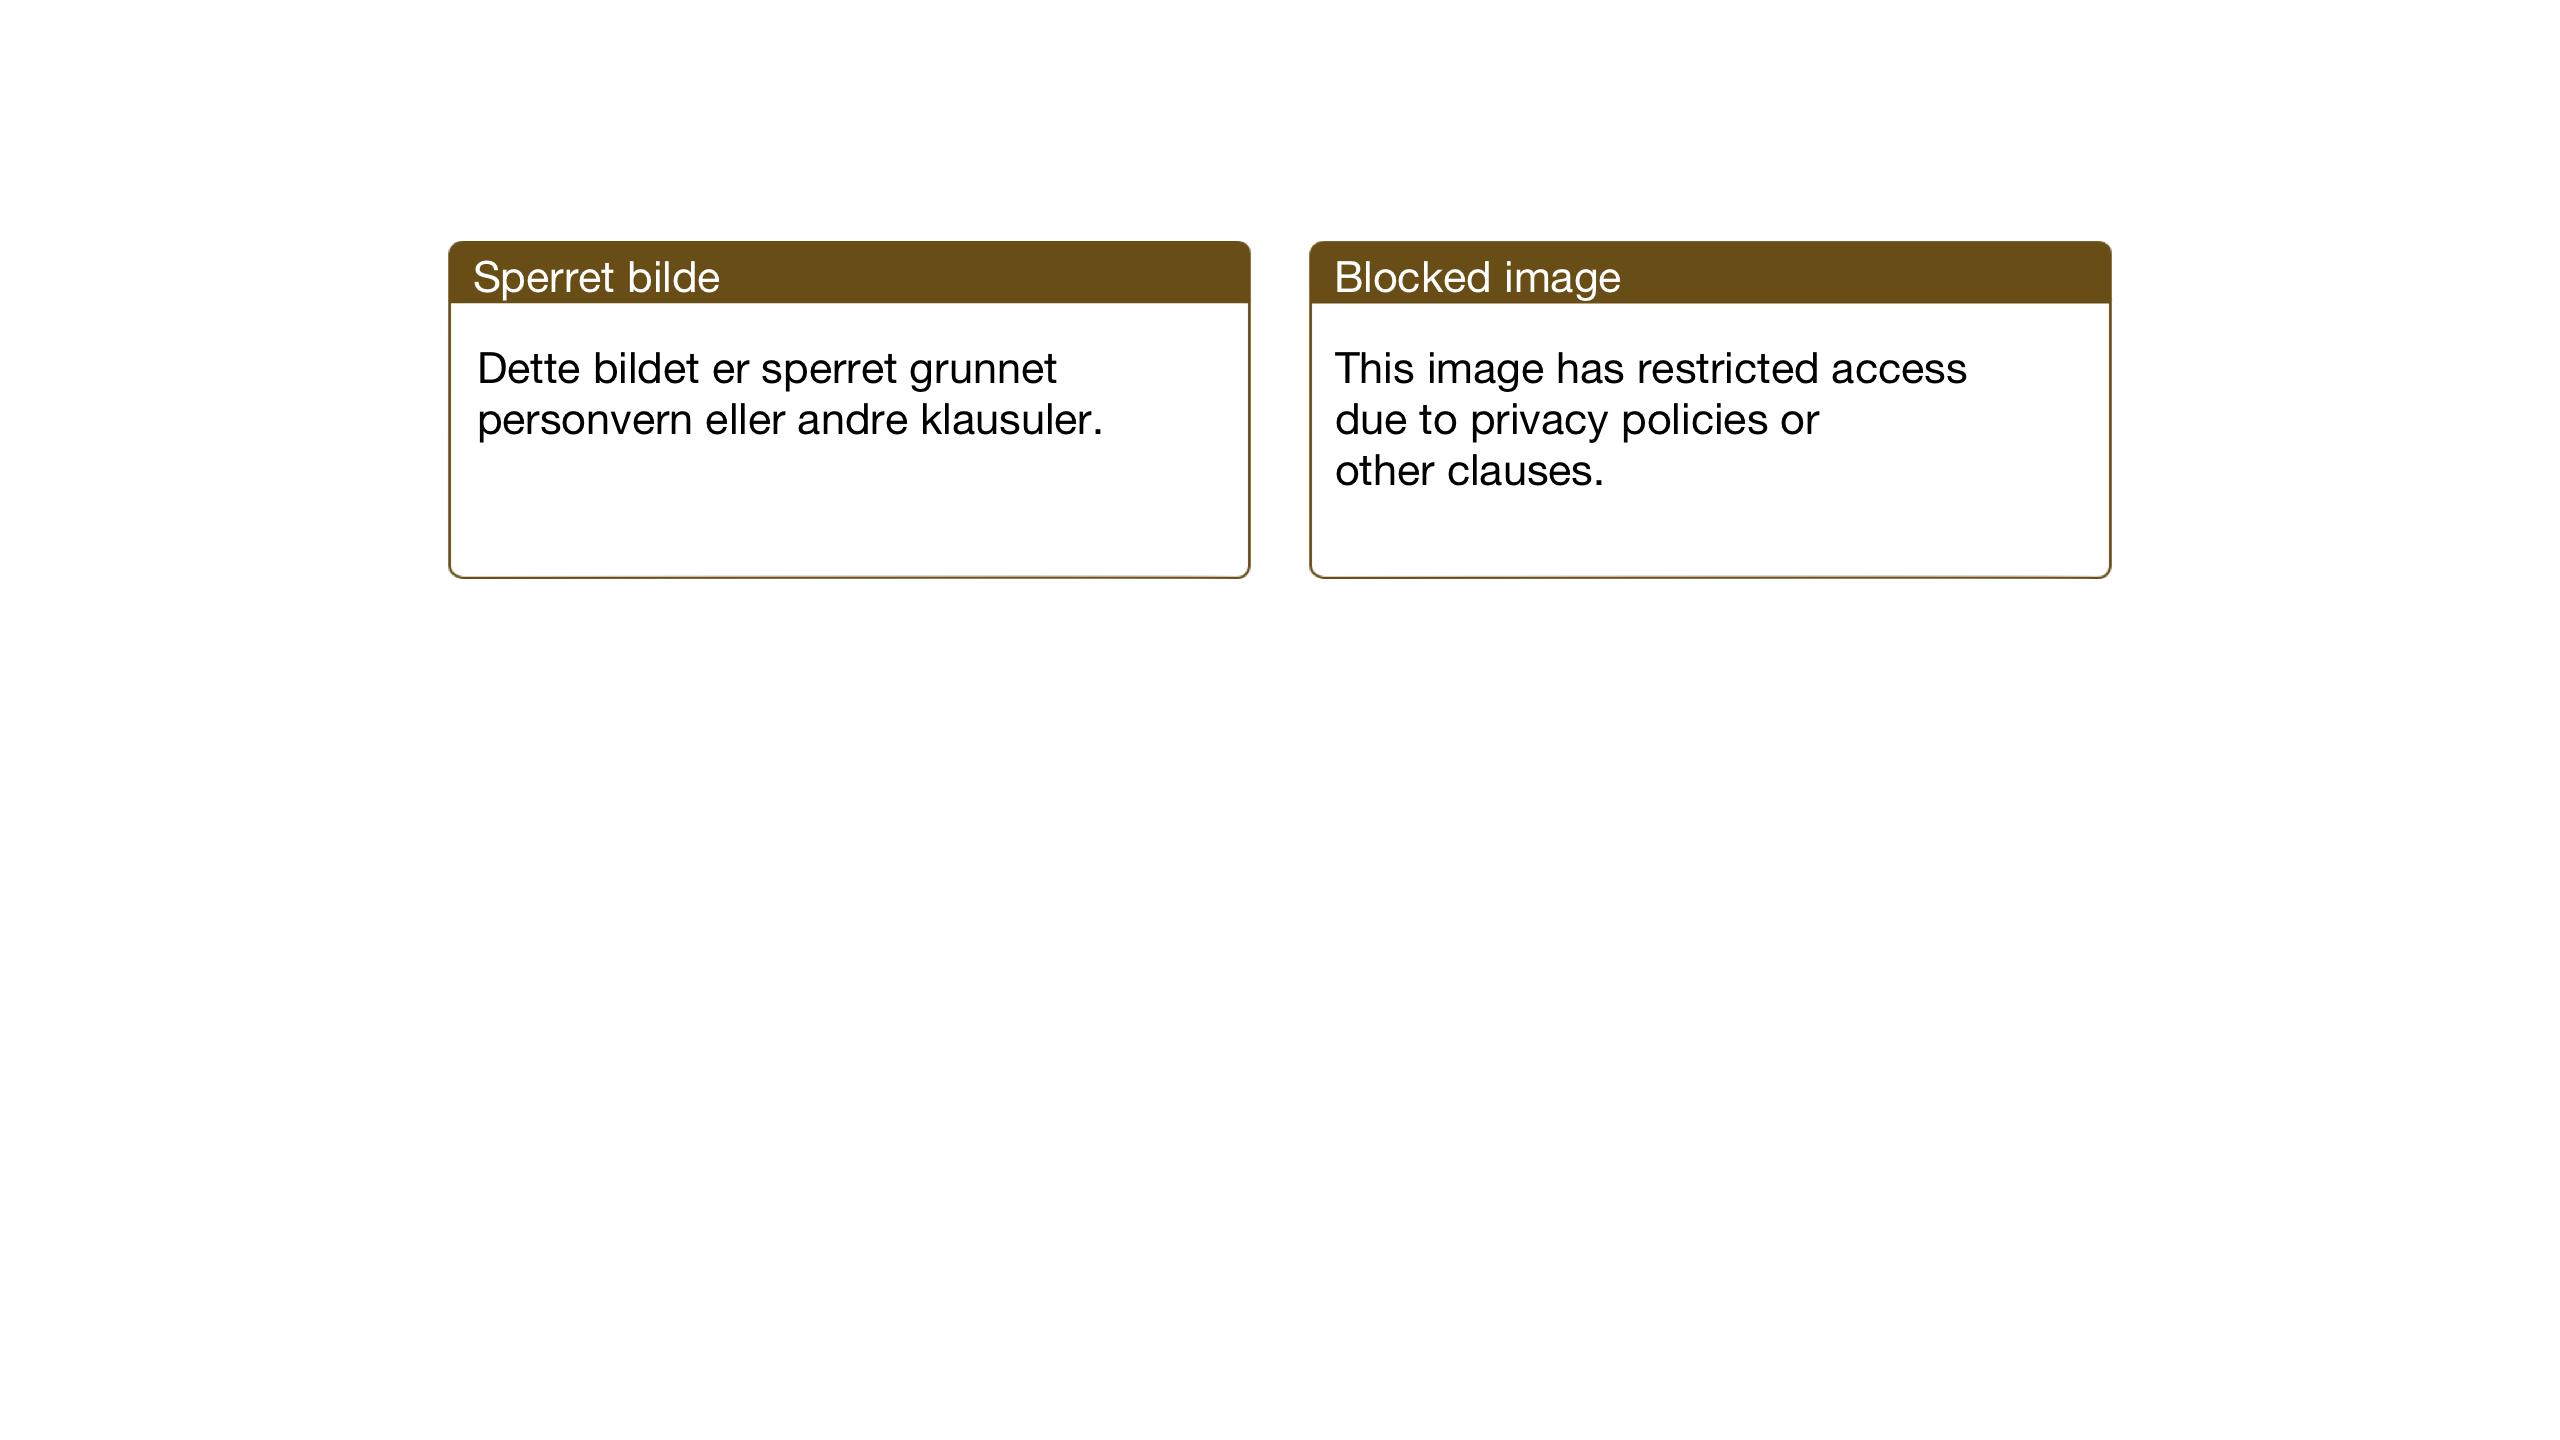 SAT, Ministerialprotokoller, klokkerbøker og fødselsregistre - Nord-Trøndelag, 741/L0403: Ministerialbok nr. 741C04, 1925-1944, s. 120